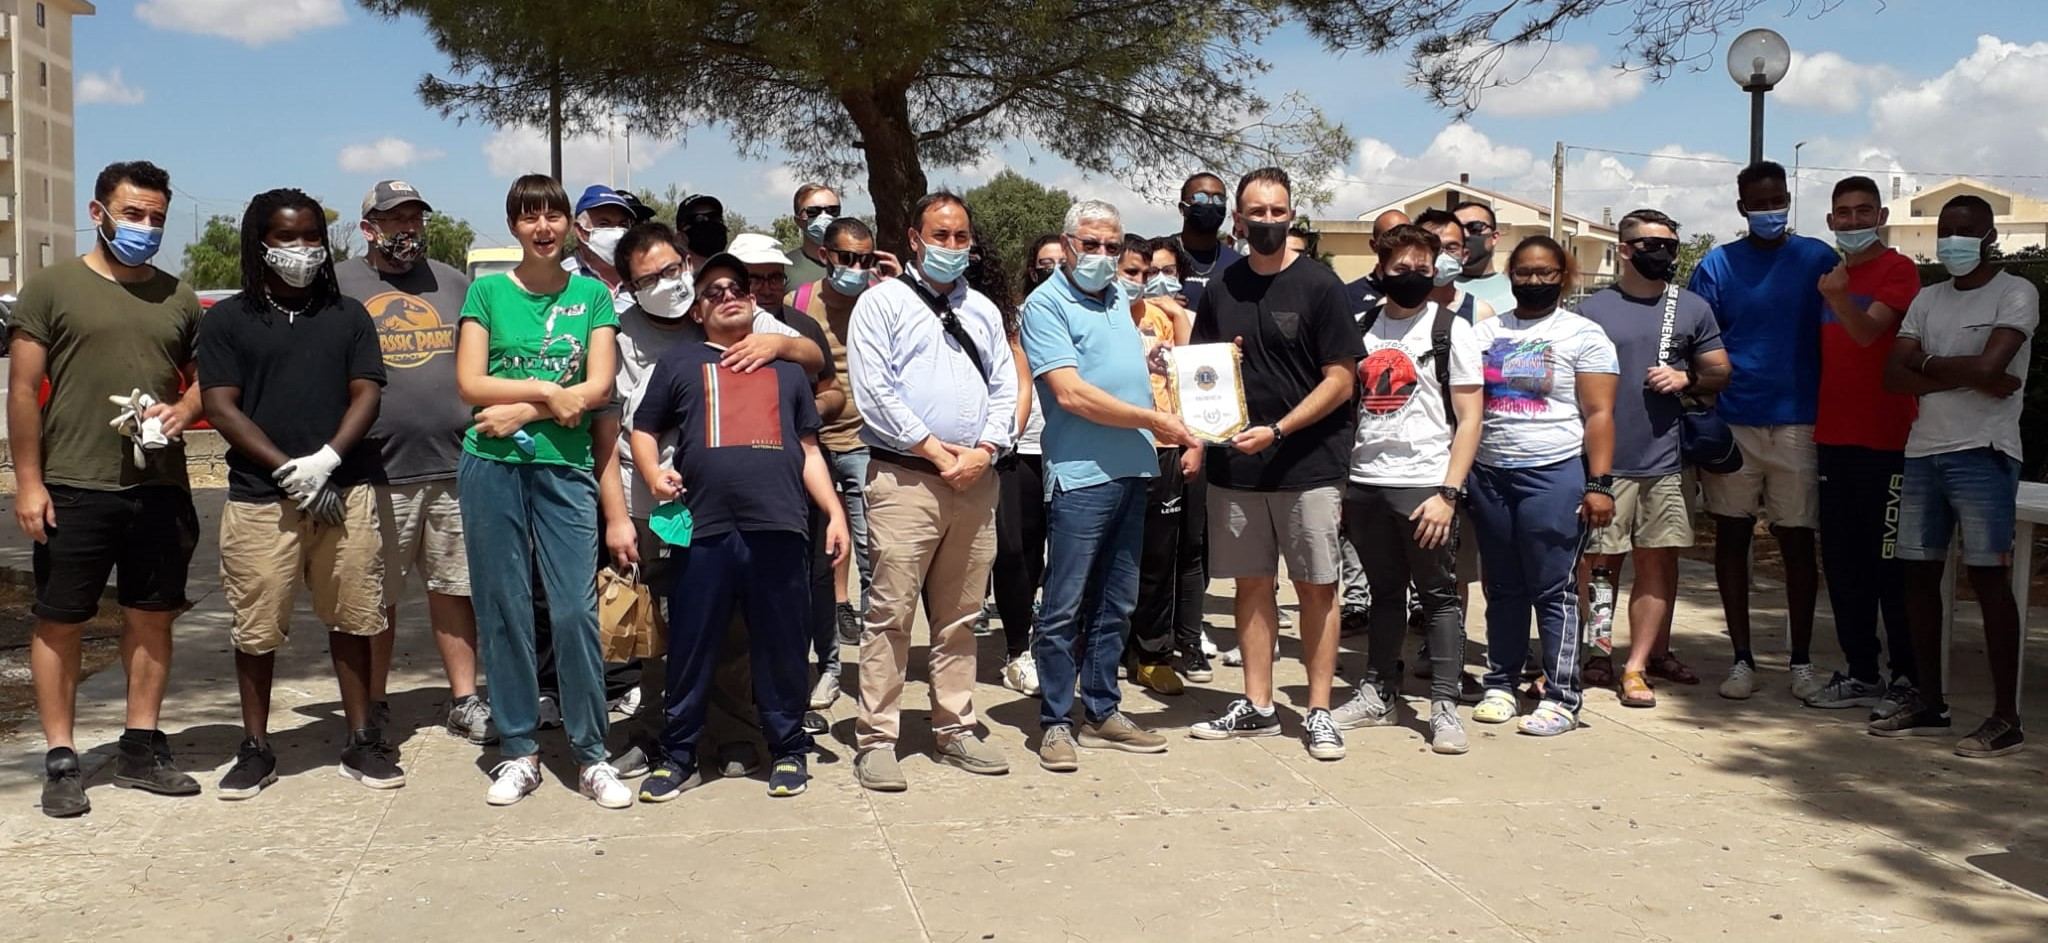 Modica, progetto di solidarietà a favore dell'Anffas: protagonisti militari americani